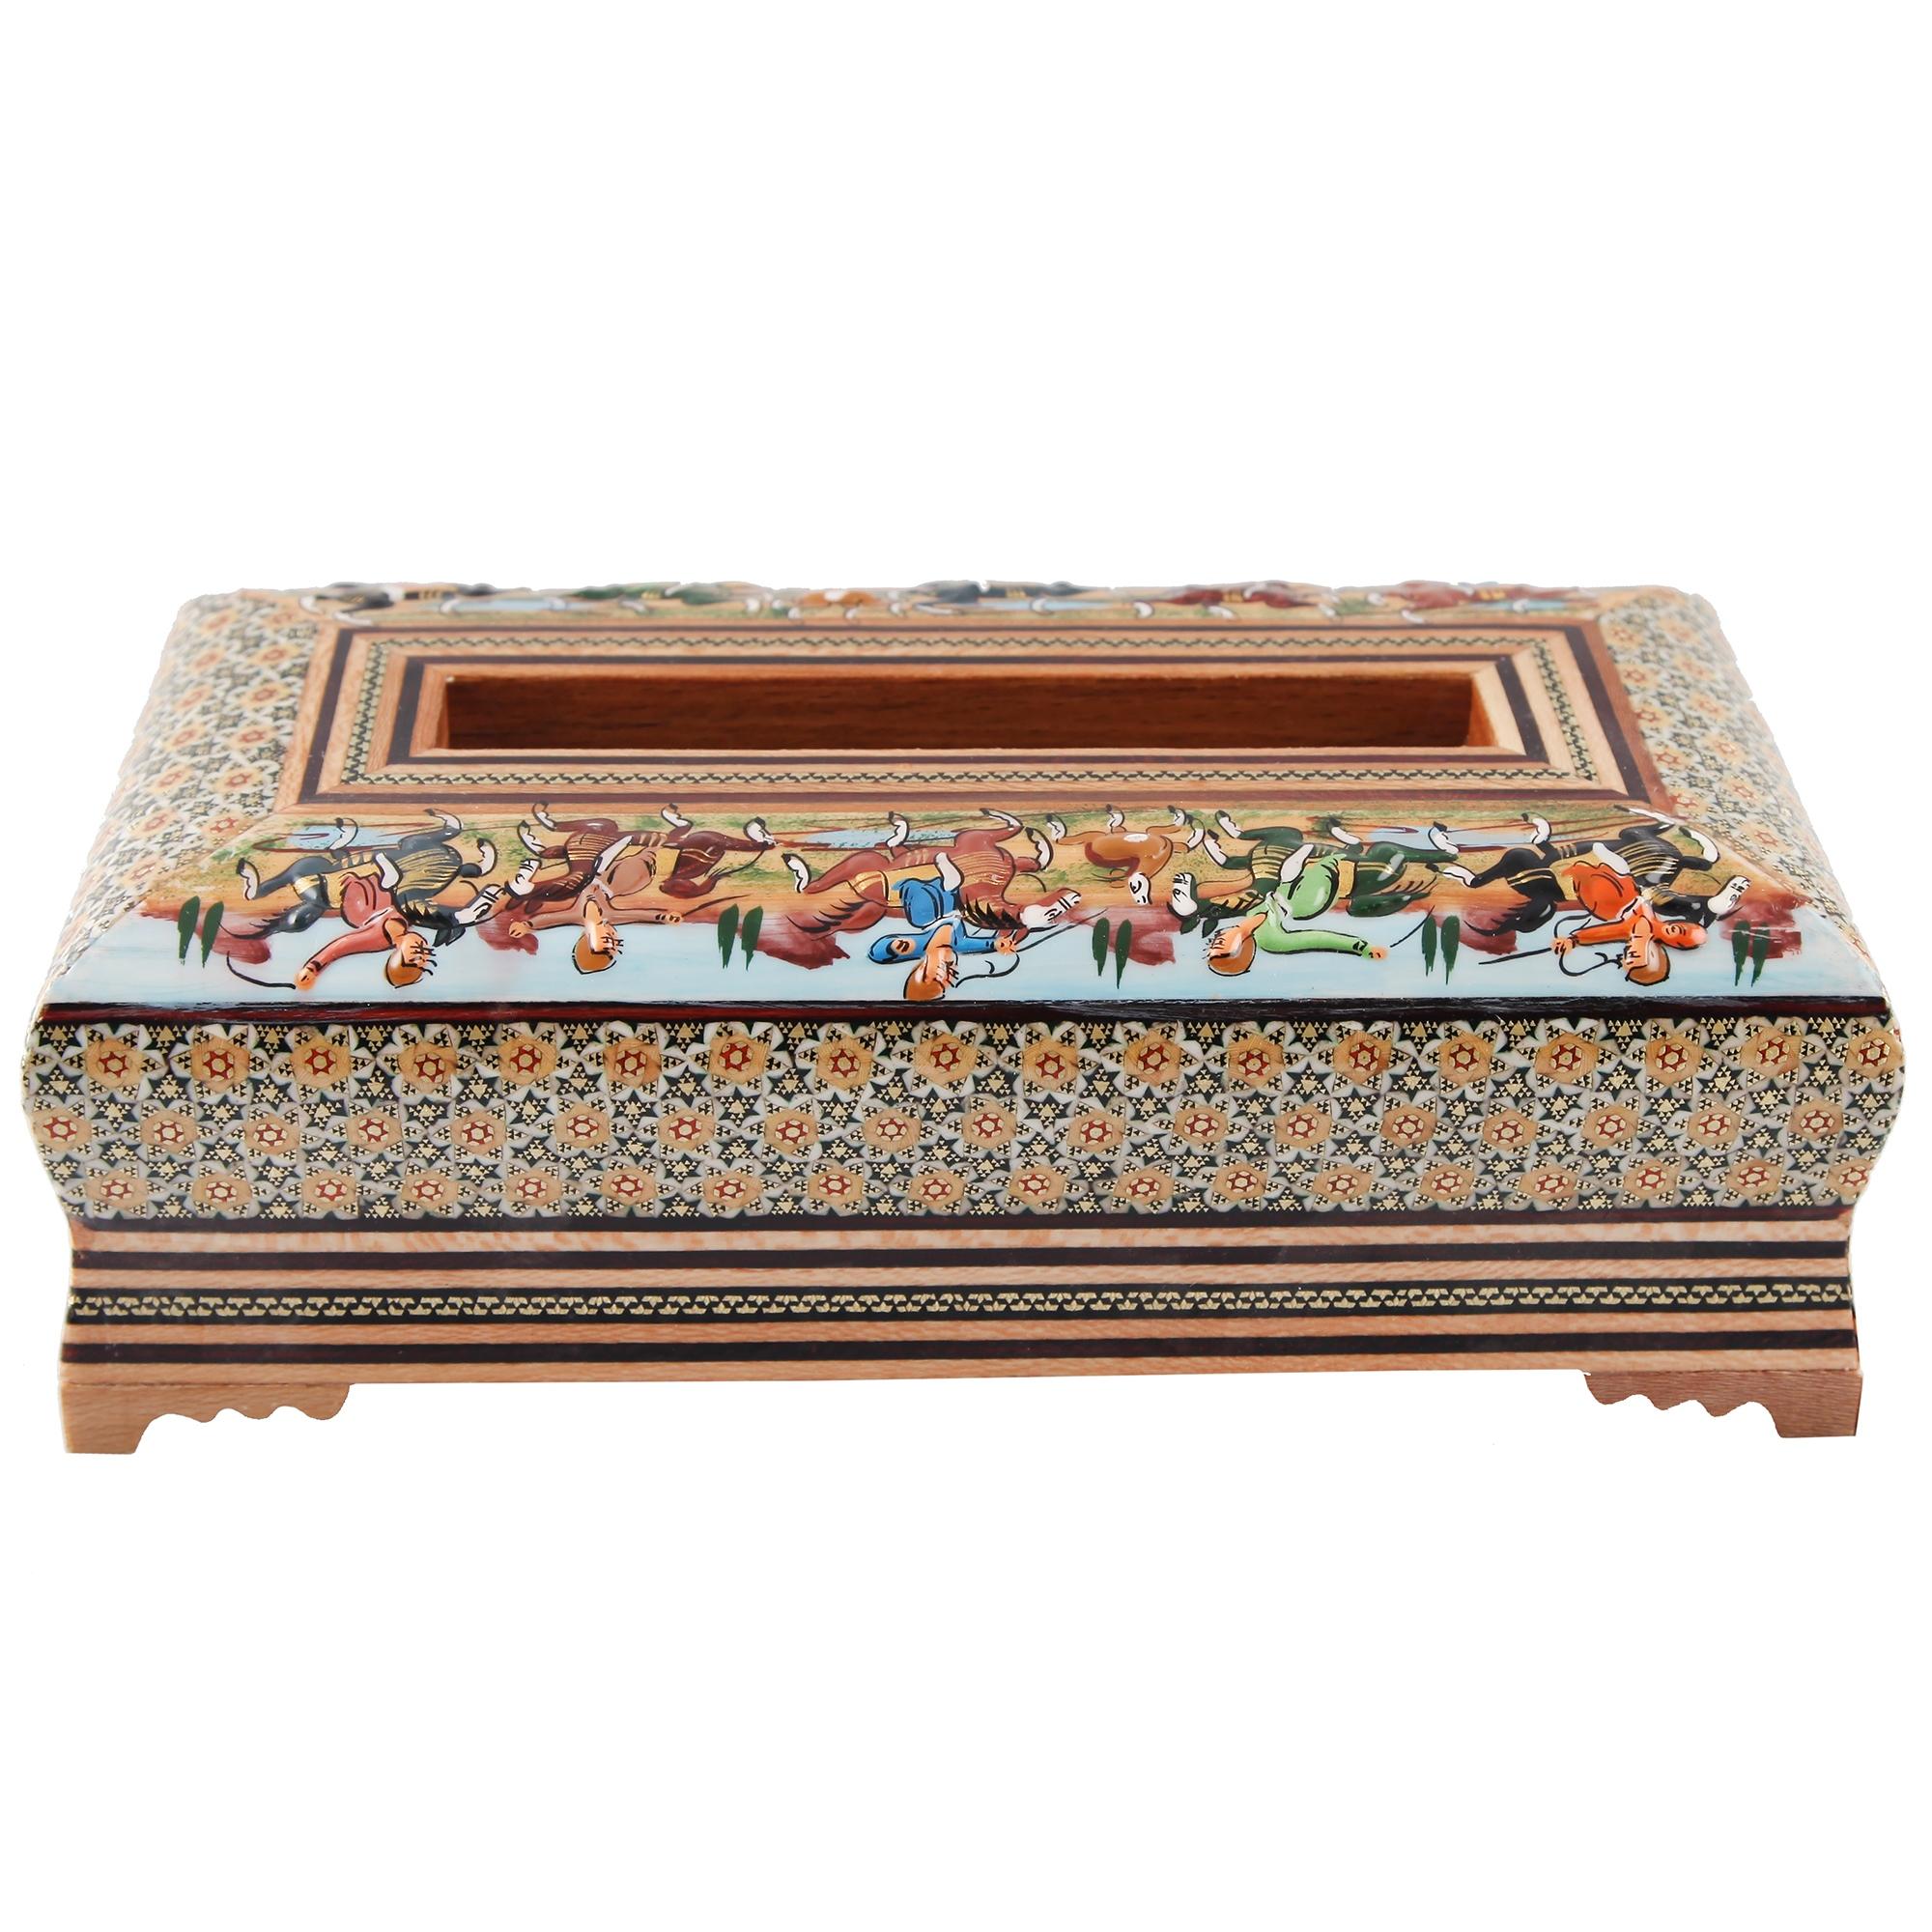 جعبه دستمال کاغذی گالری مثالین طرح شکار برجسته کد 141228